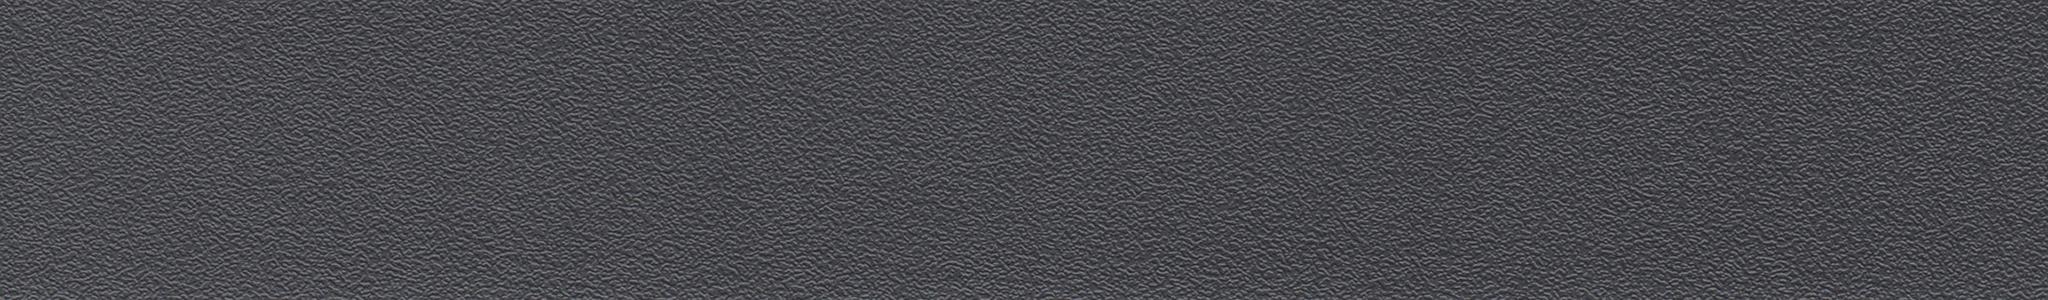 HU 192007 ABS Edge Graphite Black Pearl XG